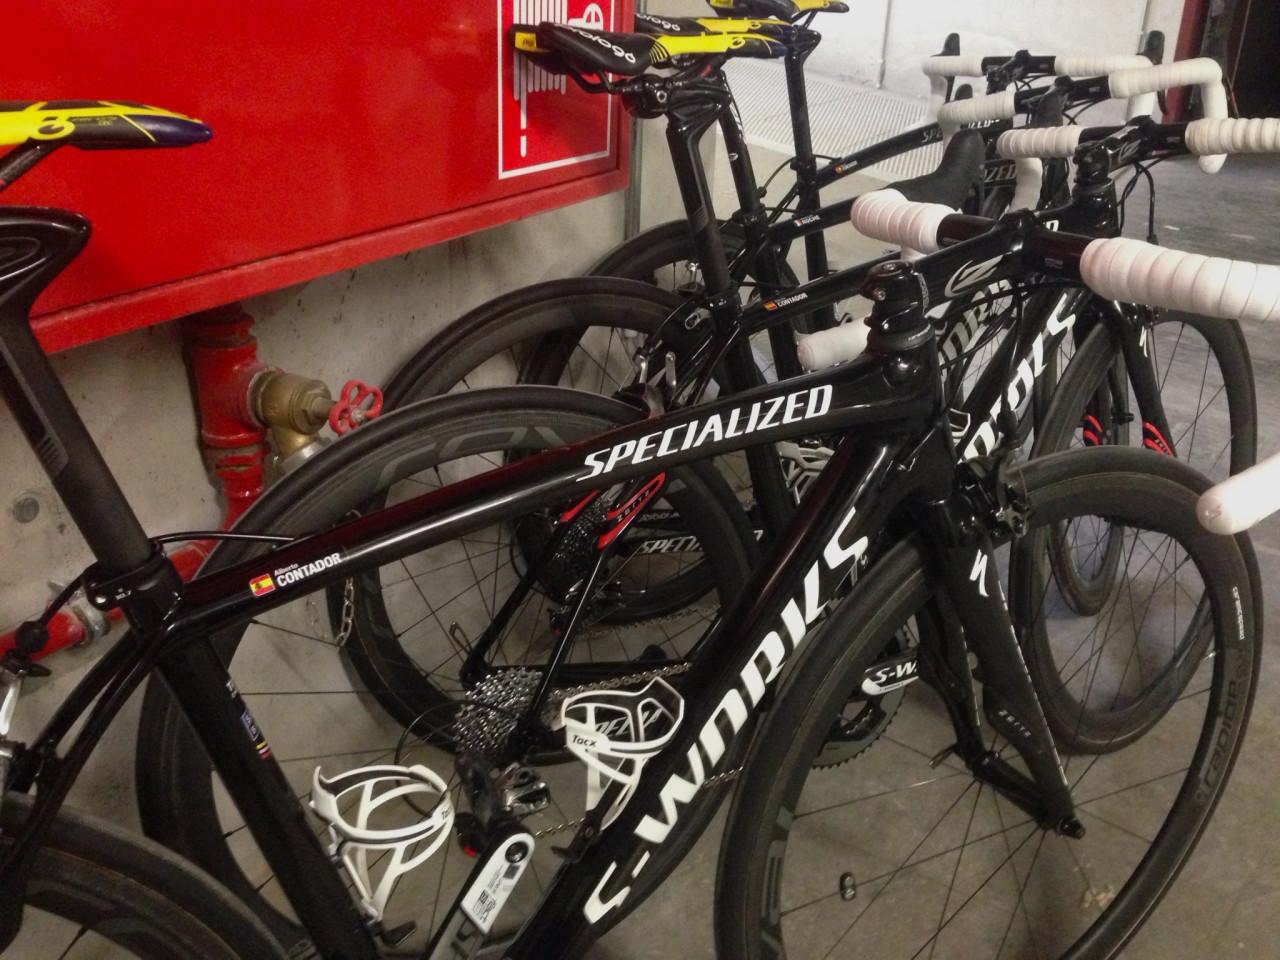 Contador's bike